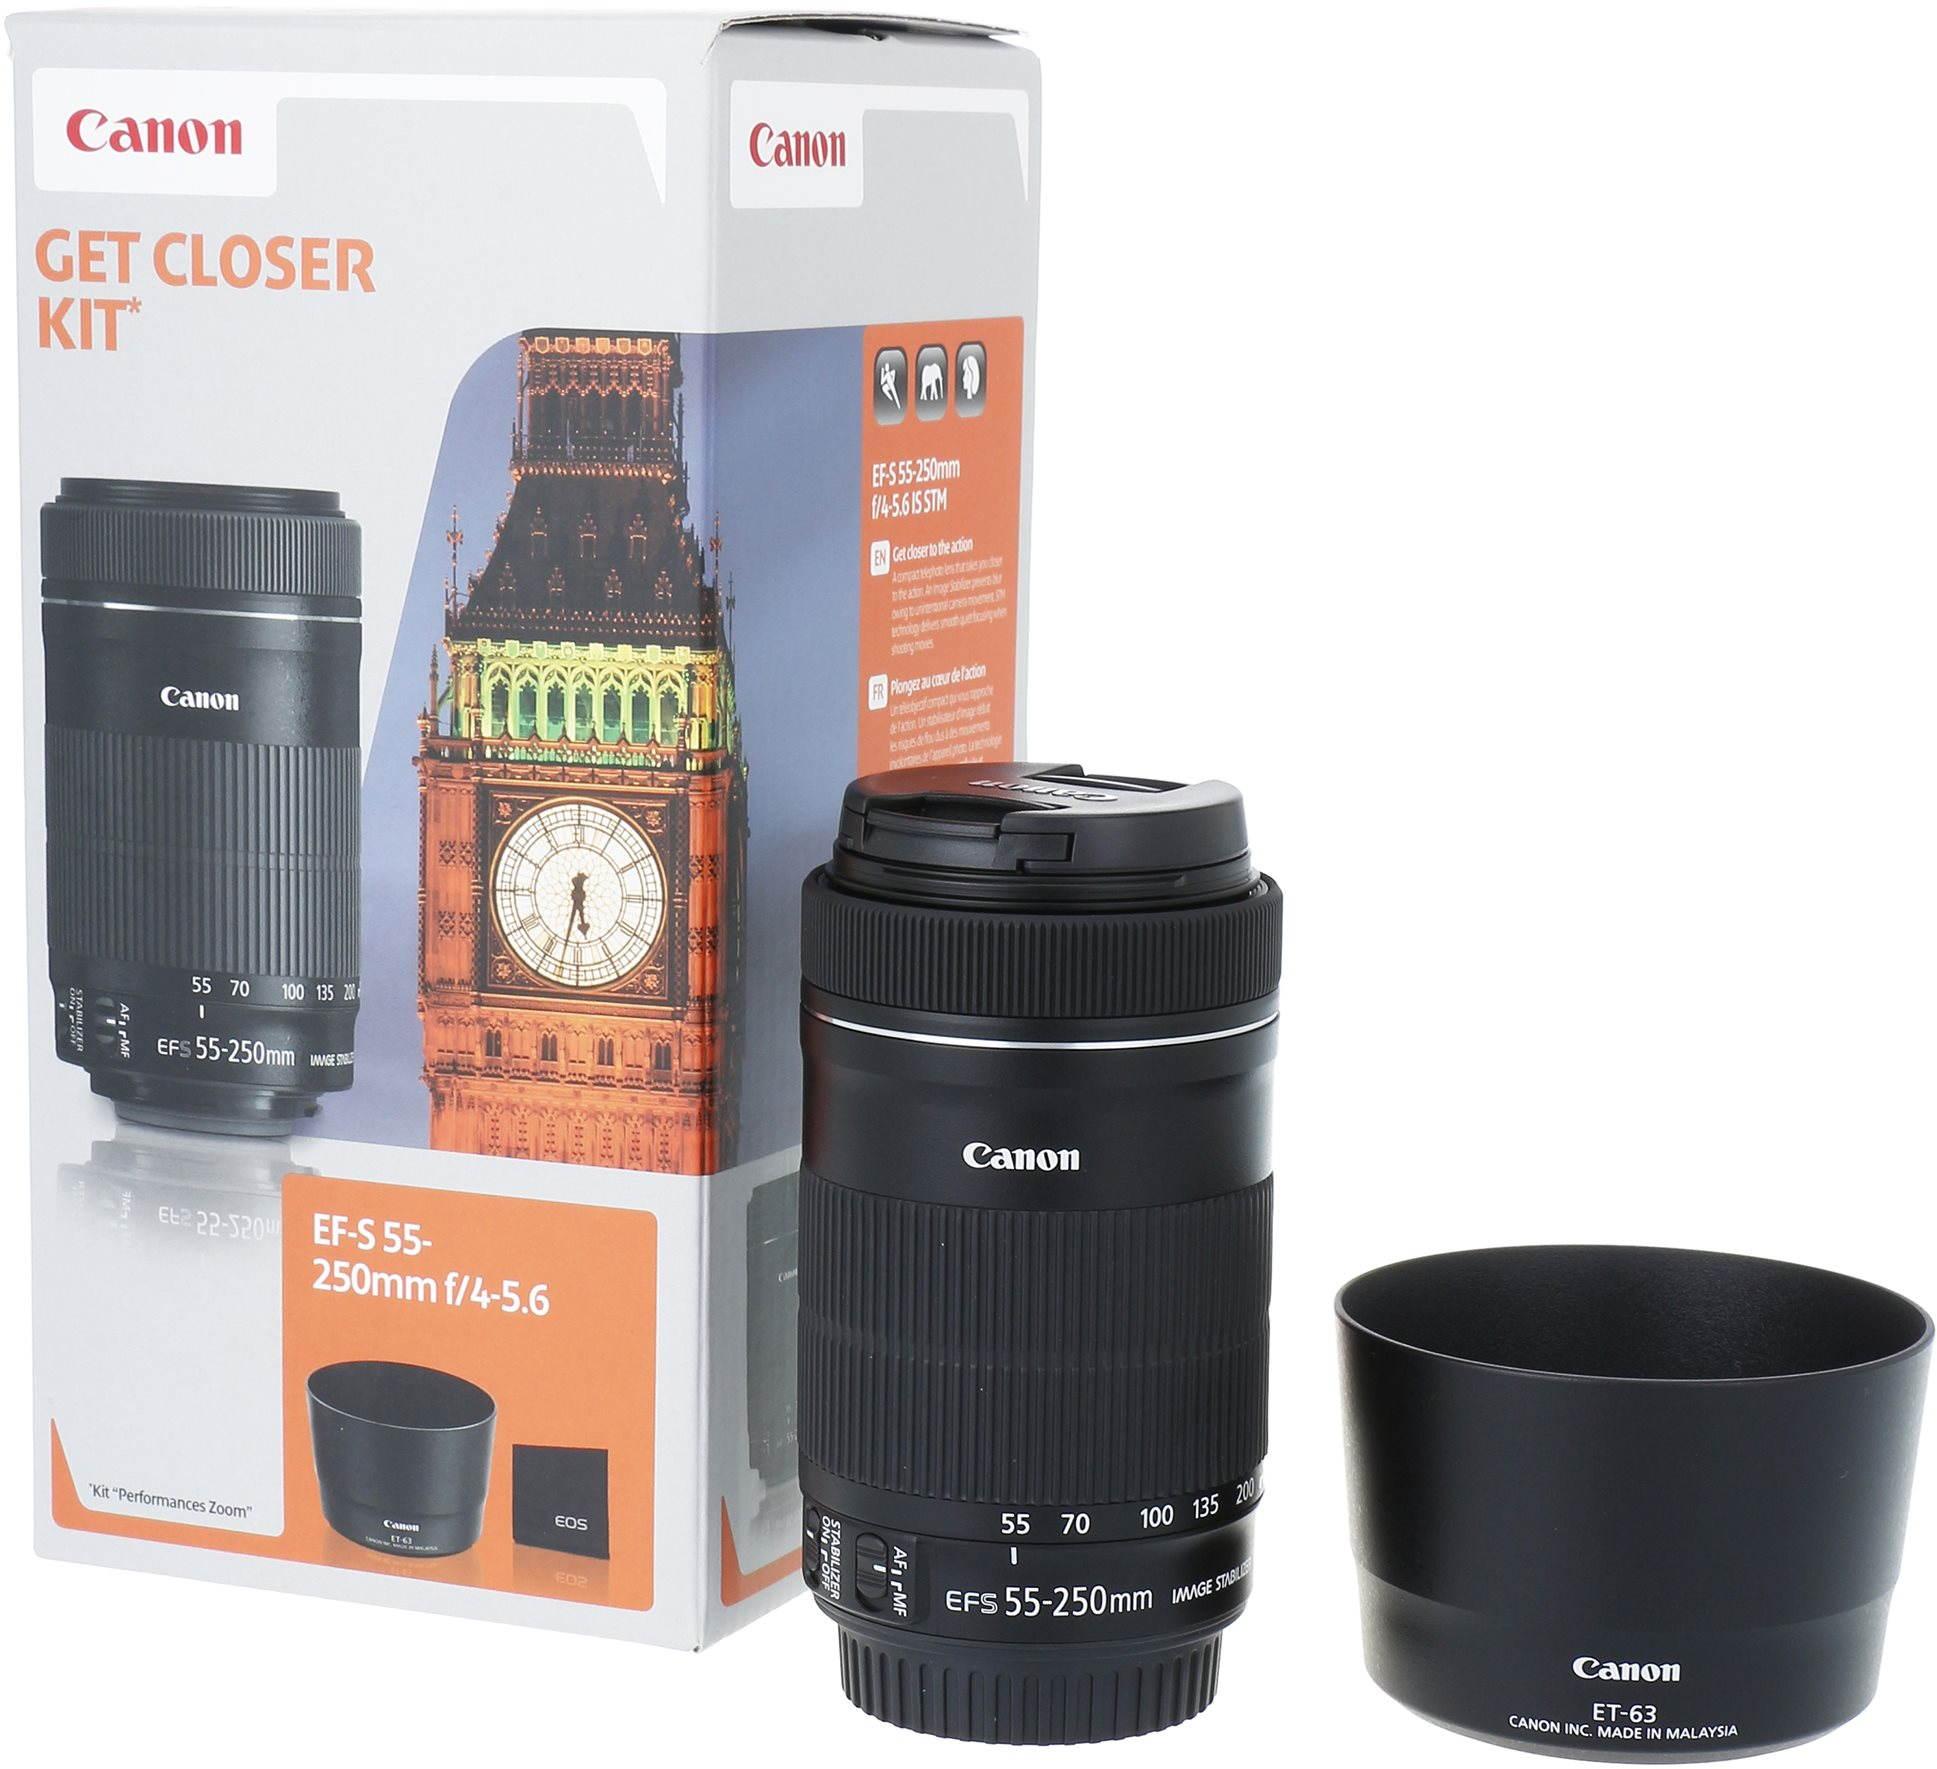 Objektiv Canon EF-S 55-250mm F4.0 - 5.6 IS STM + ET-63